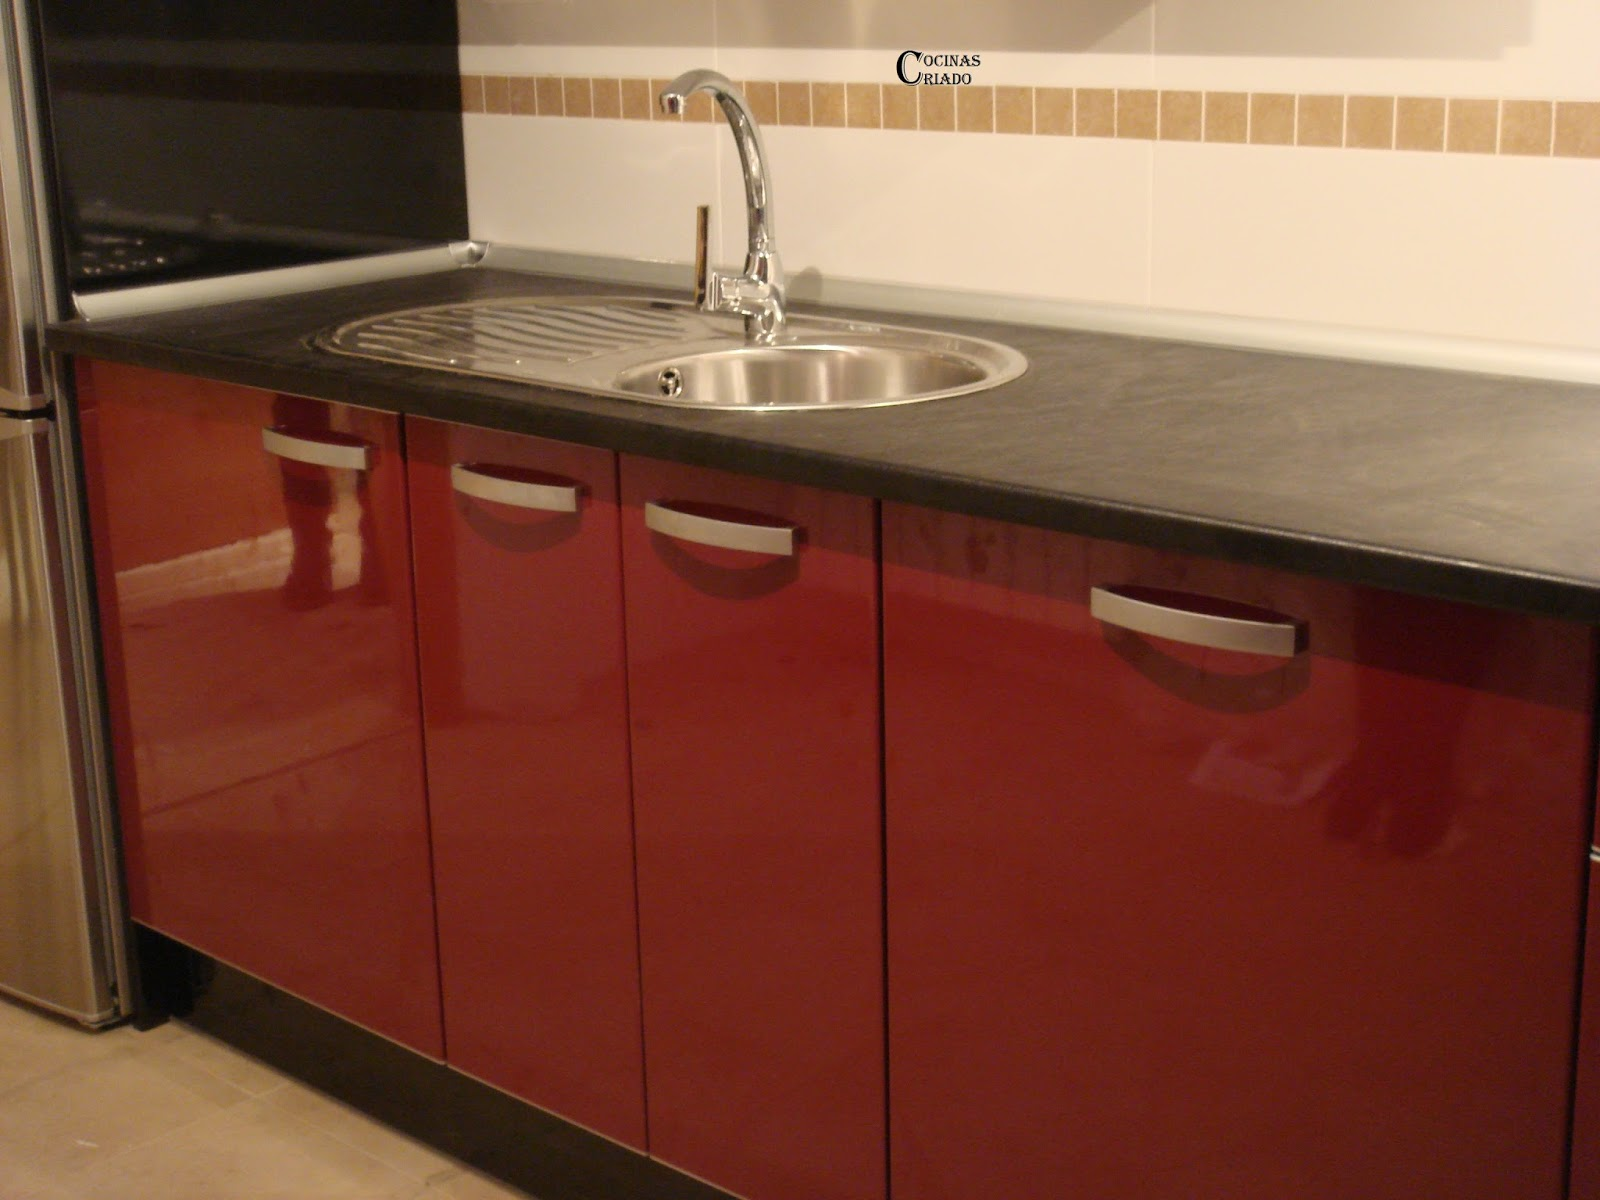 Muebles De Formica Para Cocina. Pasos Para Pintar Muebles De Cocina ...